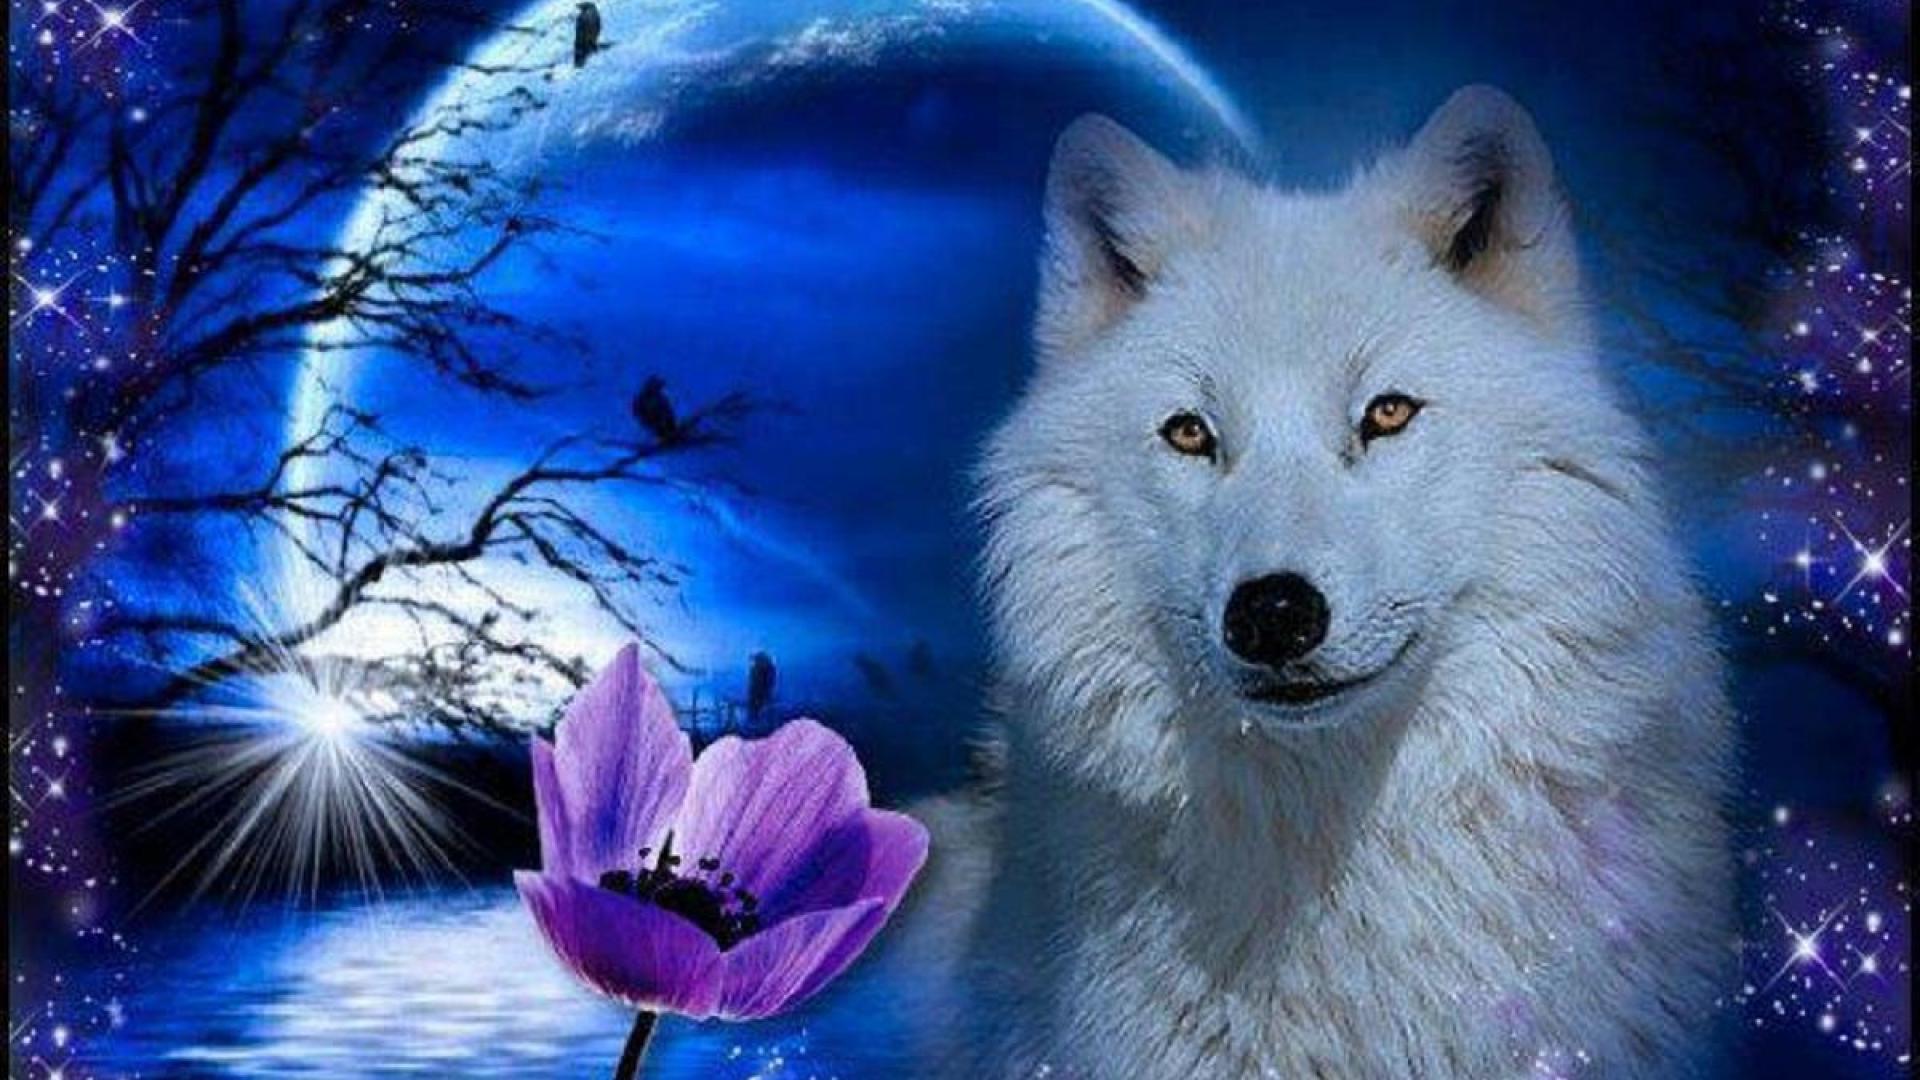 анимационные фото волка с цветком бурно